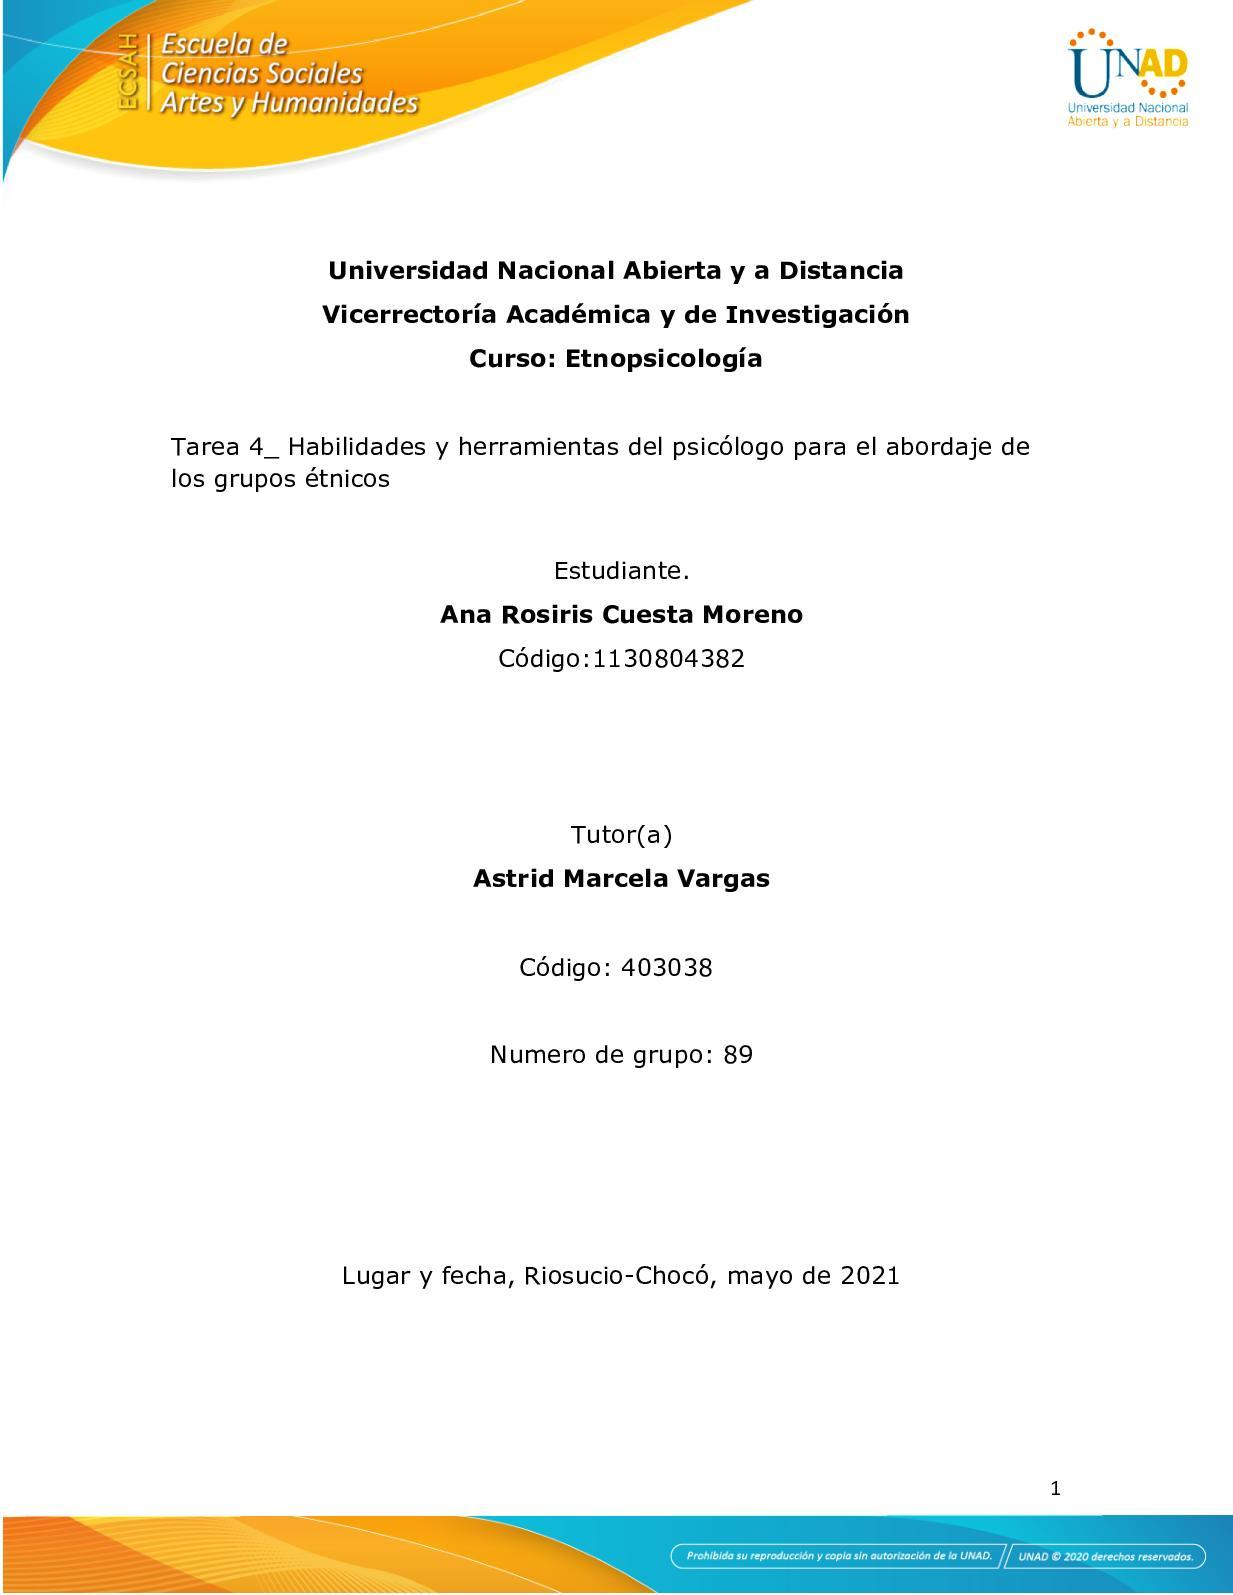 Tarea 4 Habilidades Y Herramientas Del Psicólogo Para El Abordaje De Los Grupos éTnicos Ana R C M